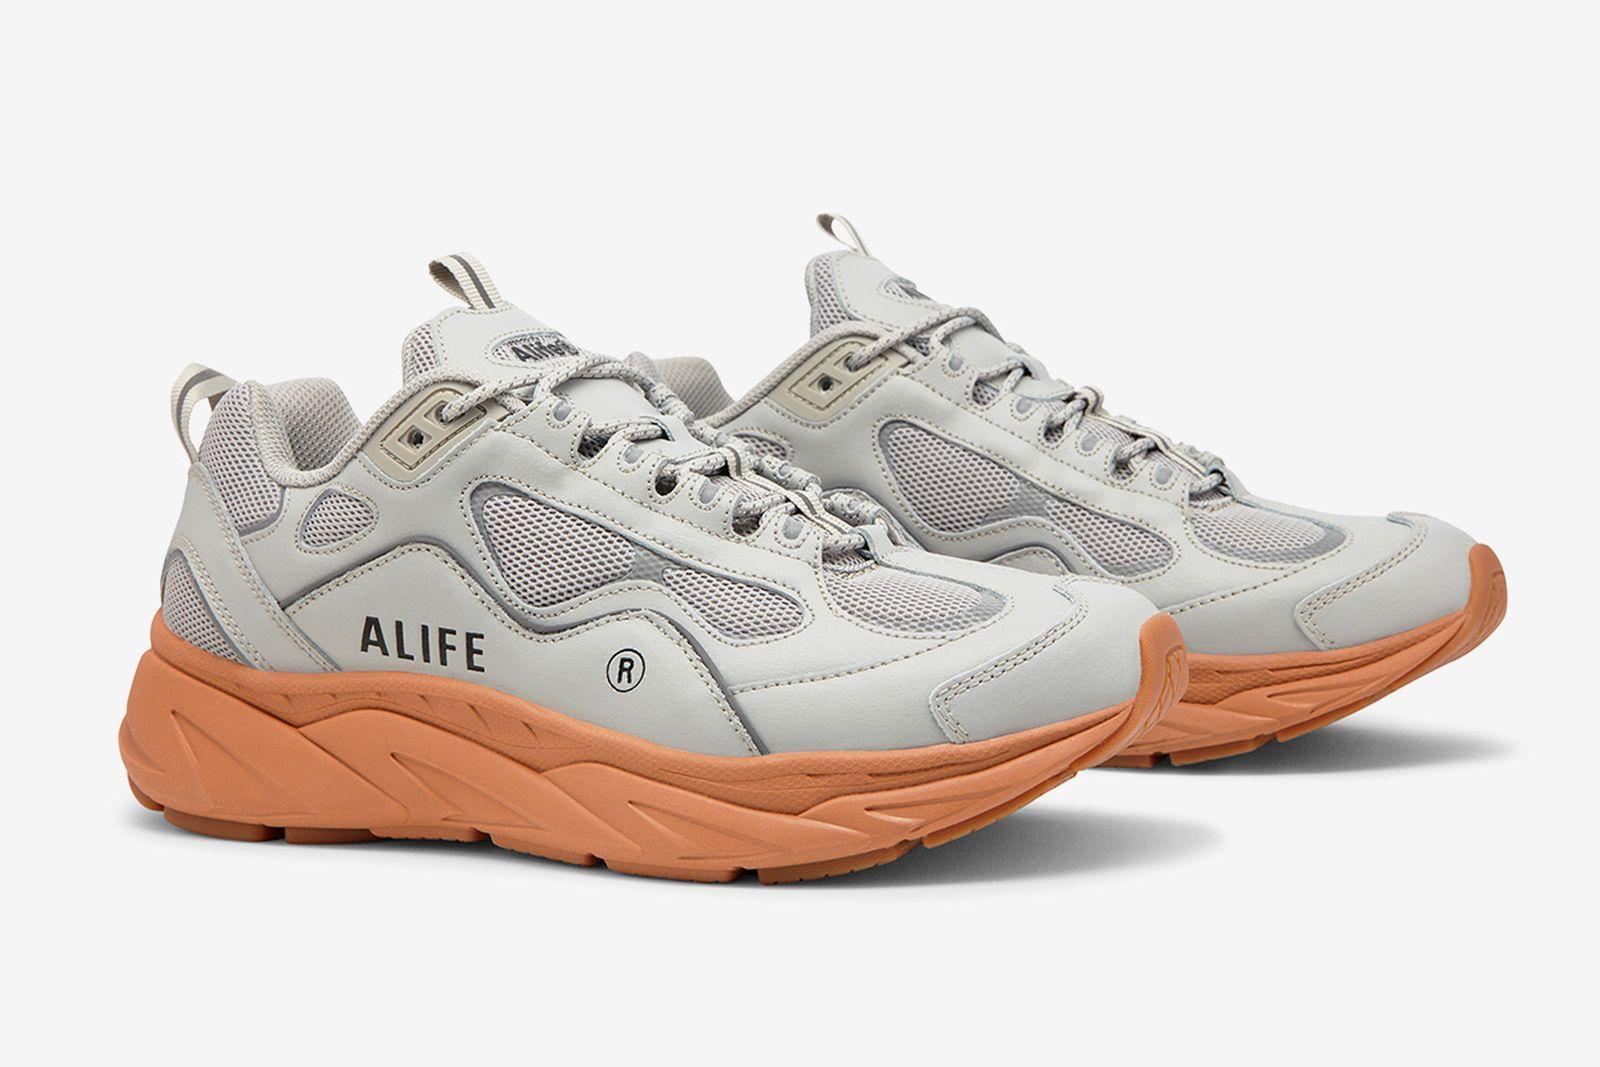 alife-x-fila-trigate-release-date-price-03